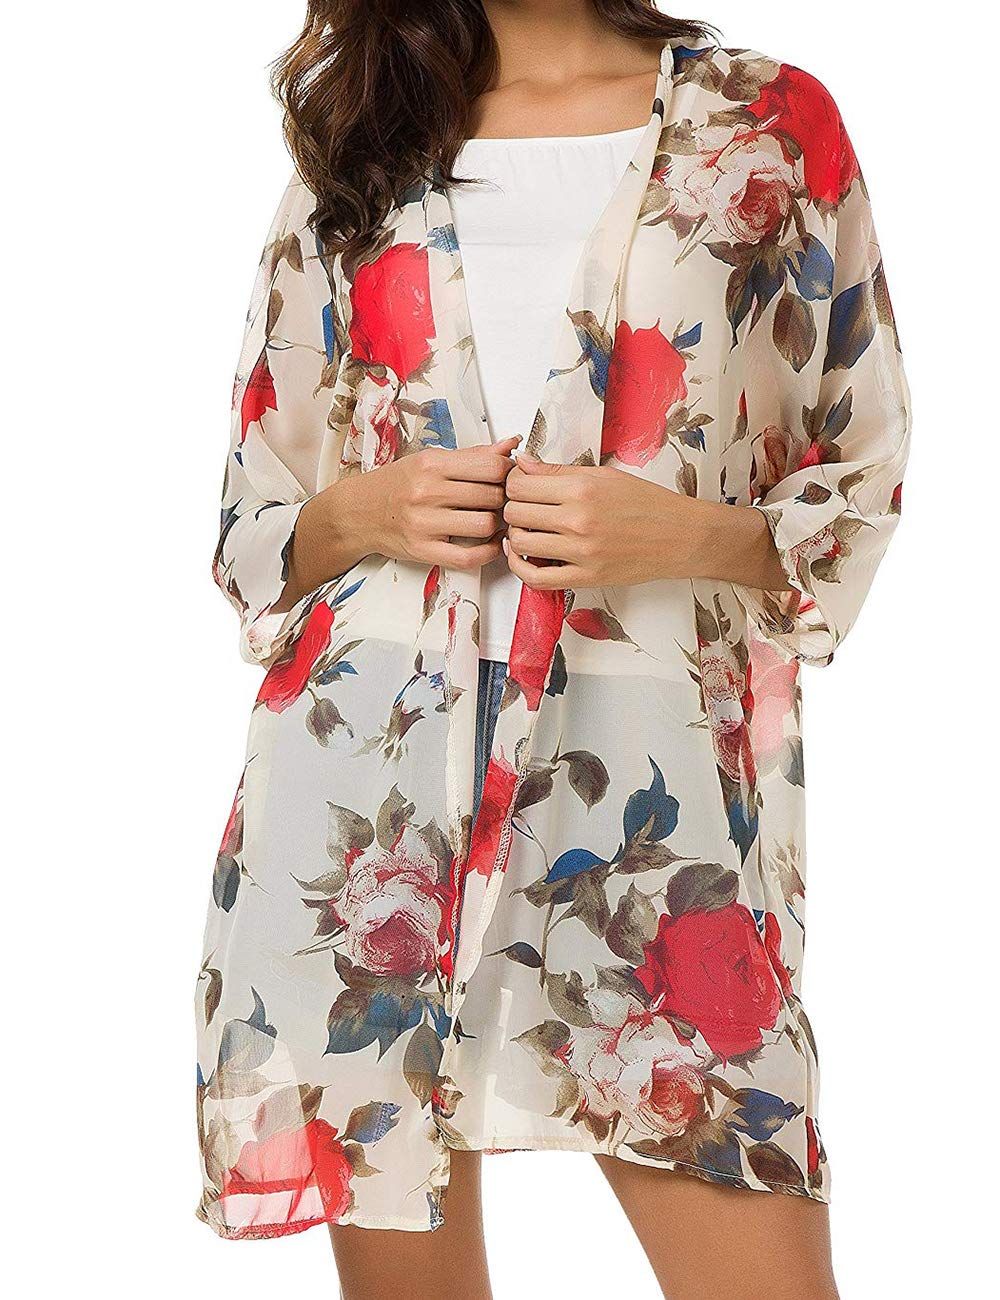 SunBoss Summer Top,Women Lightweight Open Floral Chiffon Cardigan Summer Night Outfit